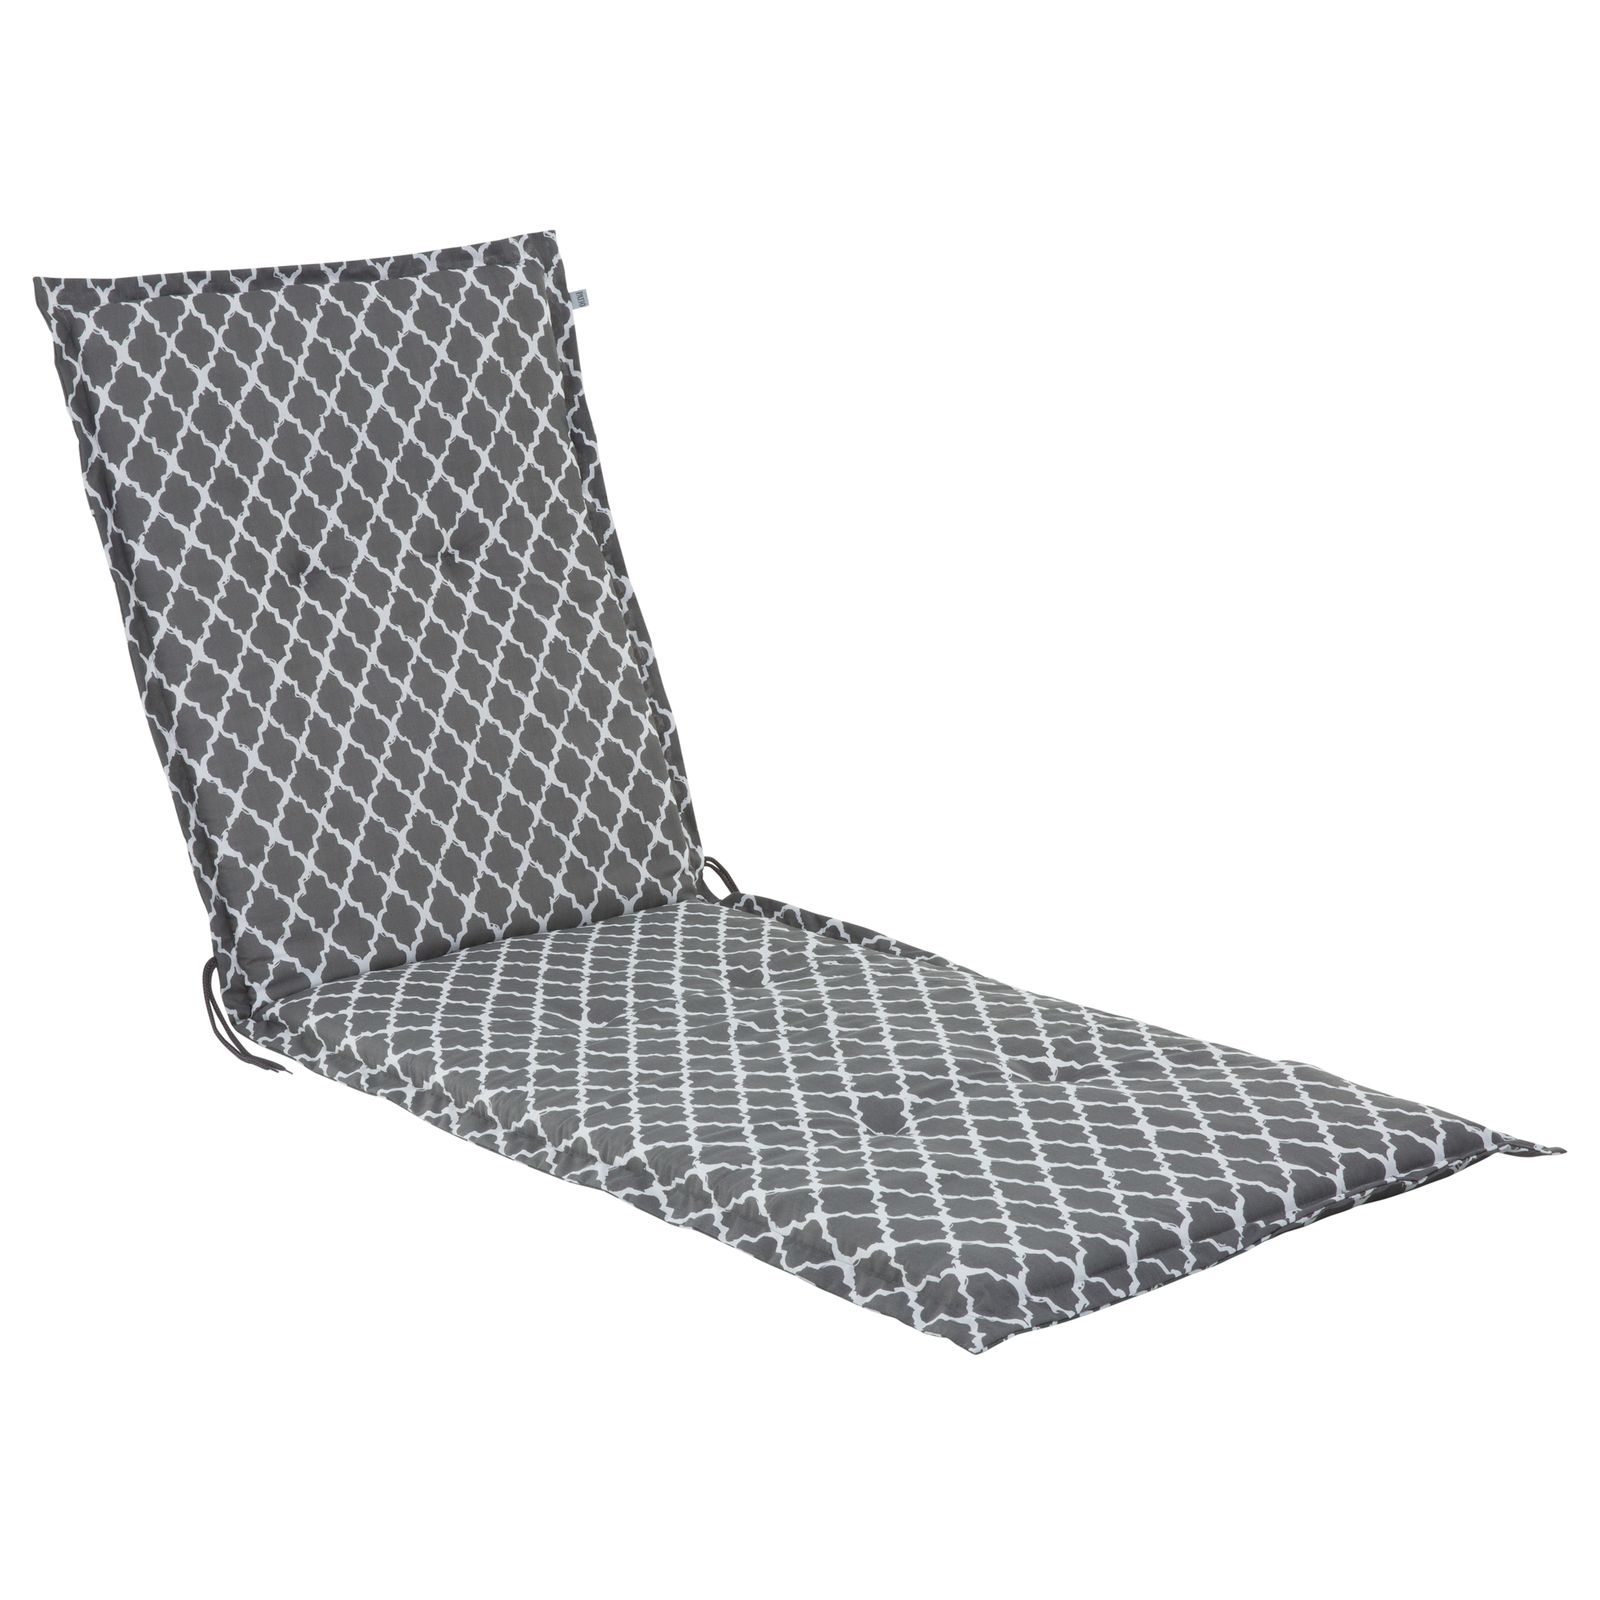 Poduszka na leżak / łóżko Malezja Liege 5 cm H030-06PB PATIO